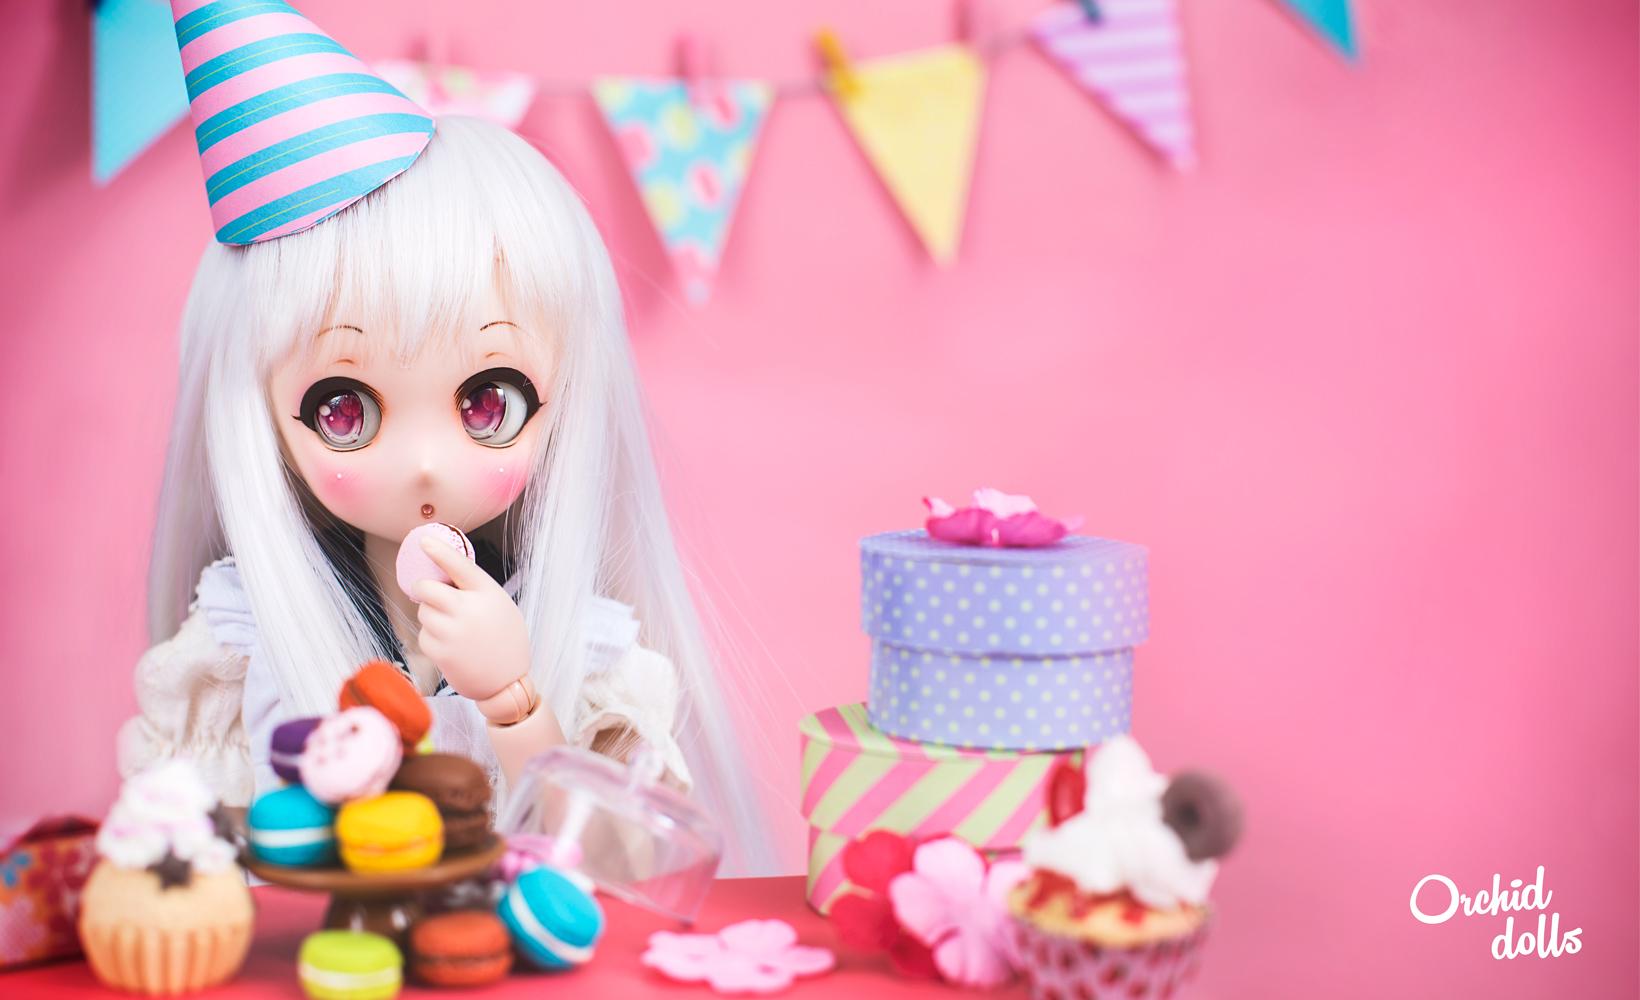 Dollfie Dream eating macarons